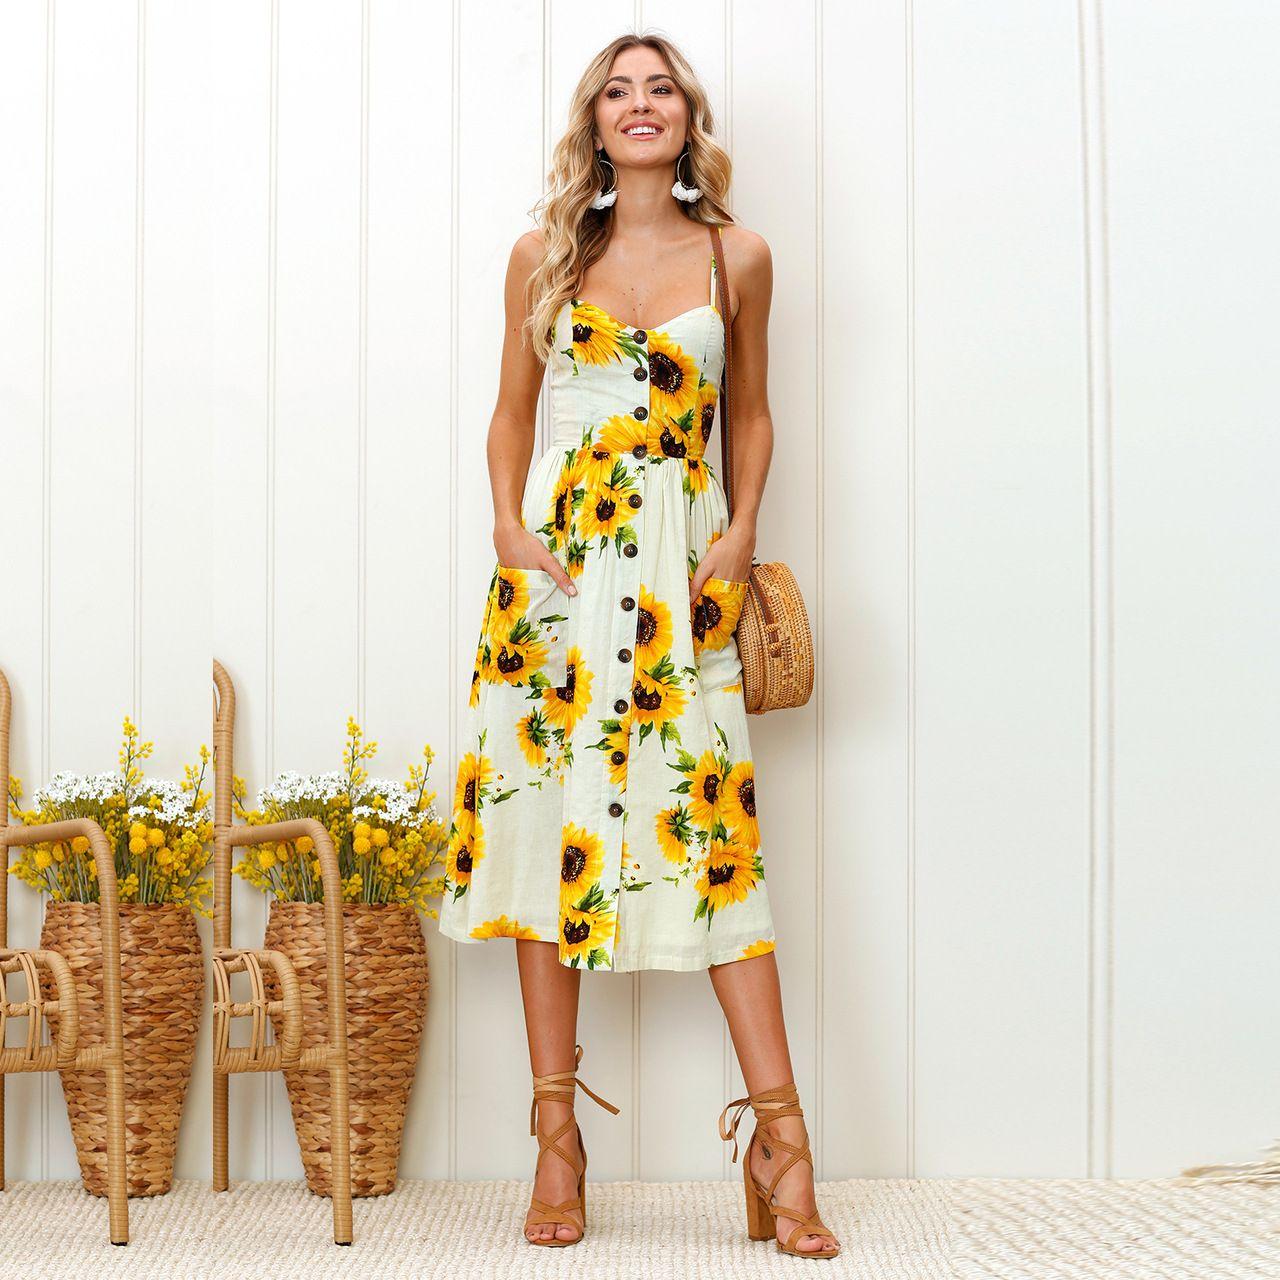 Boho Floral Print Summer Dress Women V Neck Pockets Sleeveless Midi Dresses Summer Dresses Summer Dresses For Women Floral Print Dress Summer [ 1280 x 1280 Pixel ]